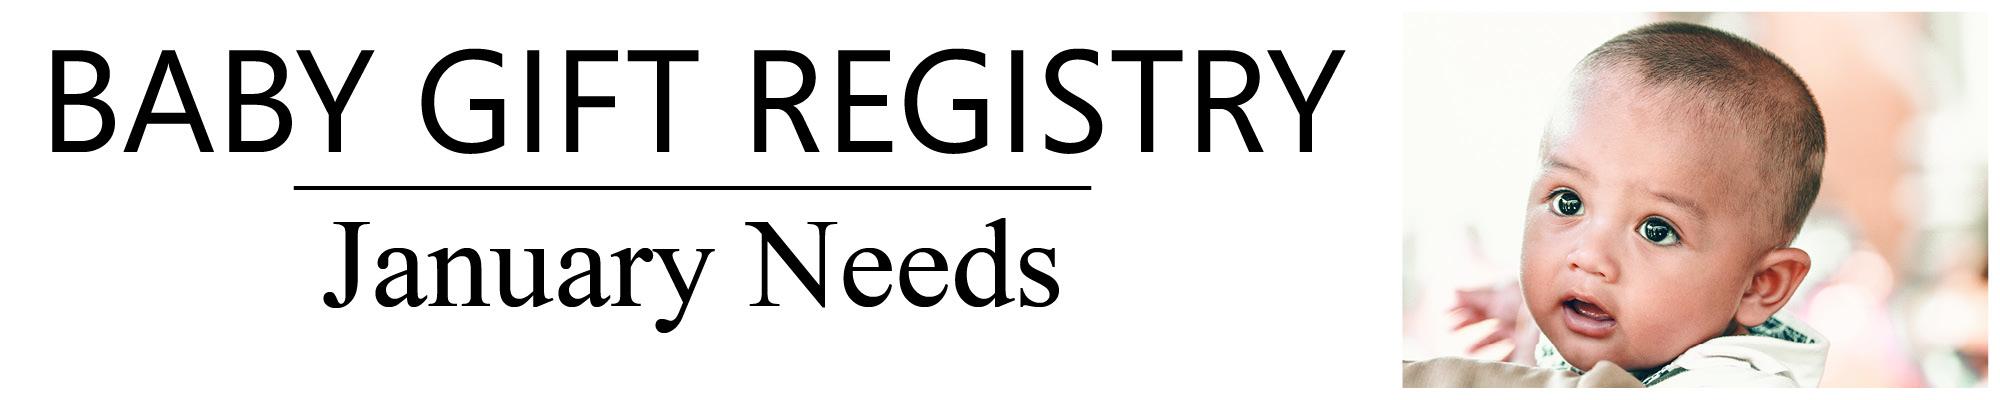 2019-01 - Baby Gift Registry - Blog Banner.jpg